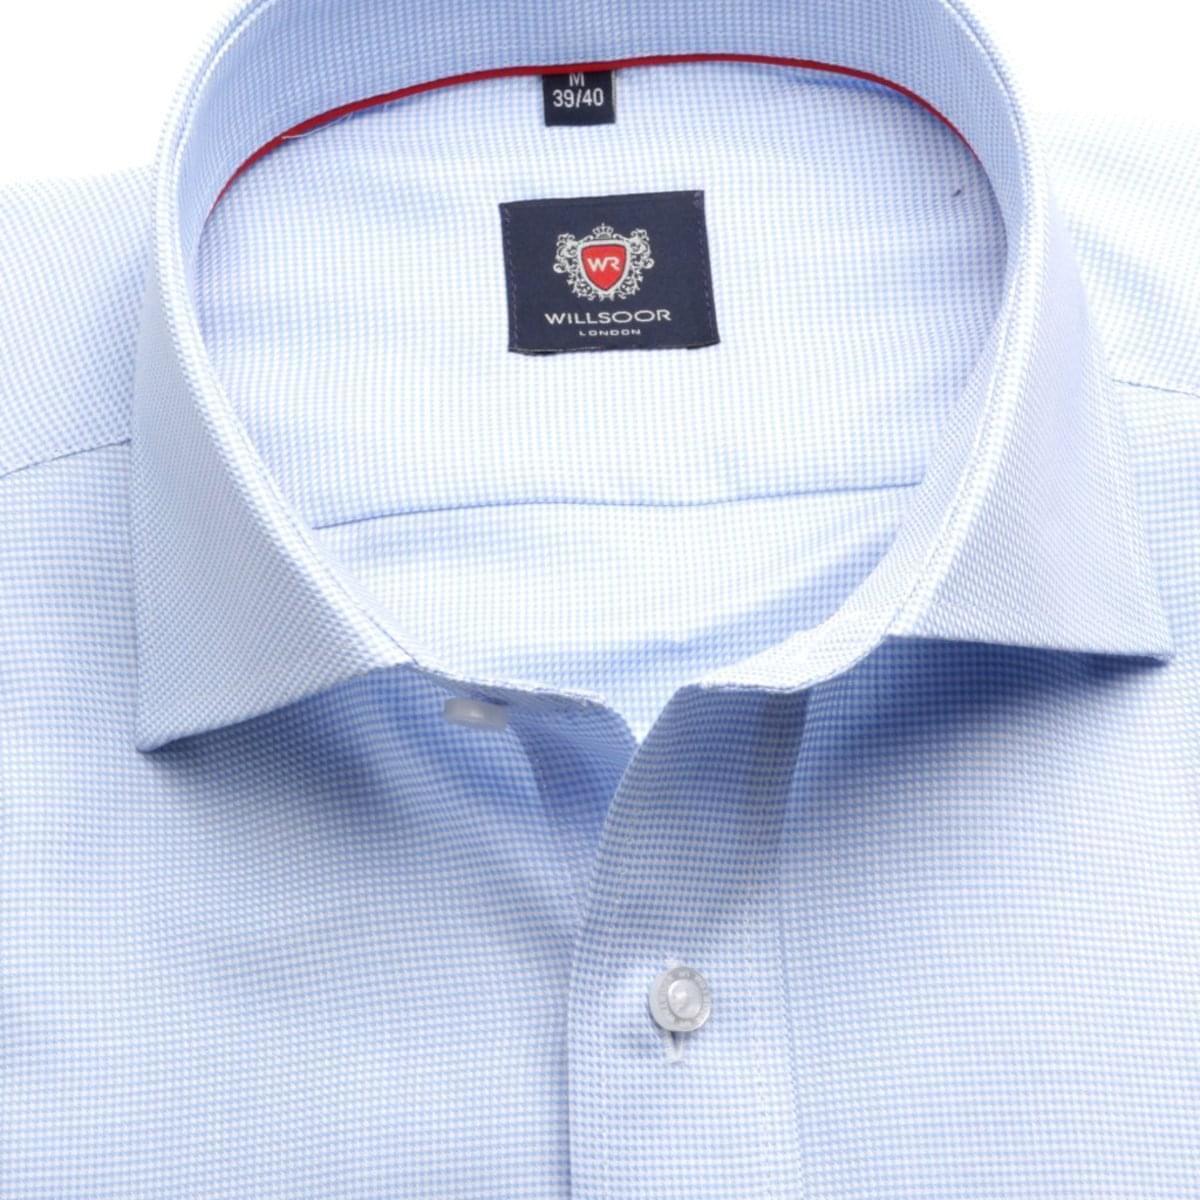 Pánská klasická košile London (výška 188-194) 5960 v modré barvě s formulí Easy Care 188-194 / XXL (45/46)